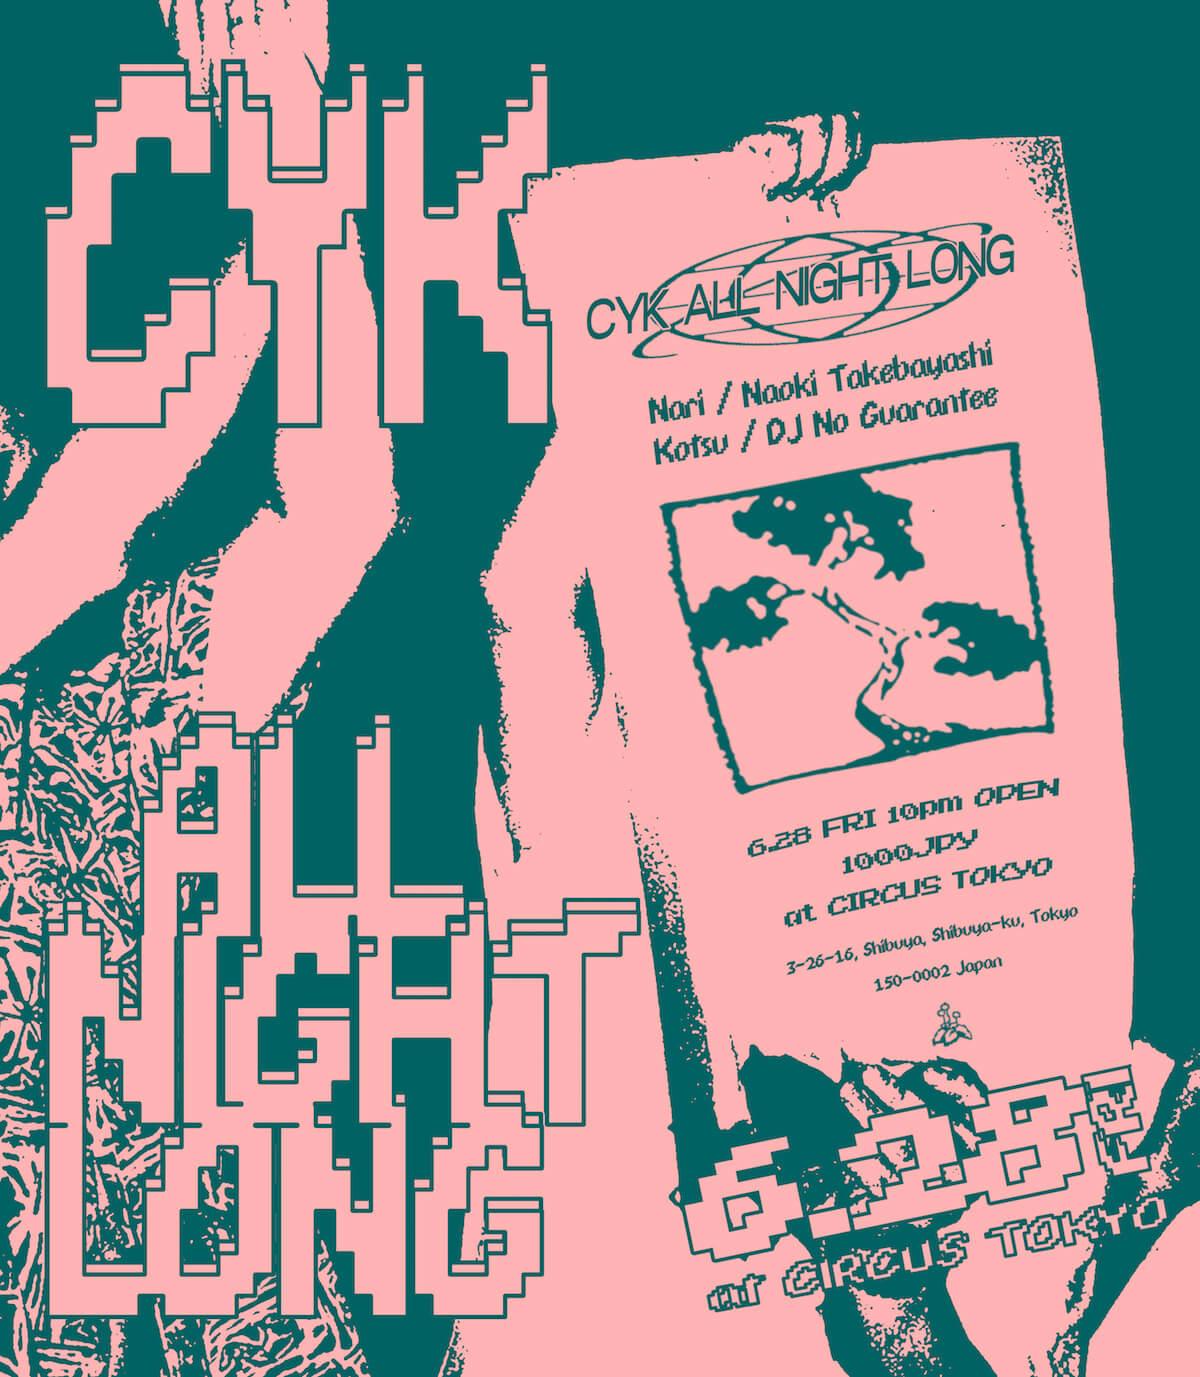 ハウスDJクルー・CYK、昨年夏ぶりの<CYK ALL NIGHT LONG>が開催決定 music190521_cyk_main